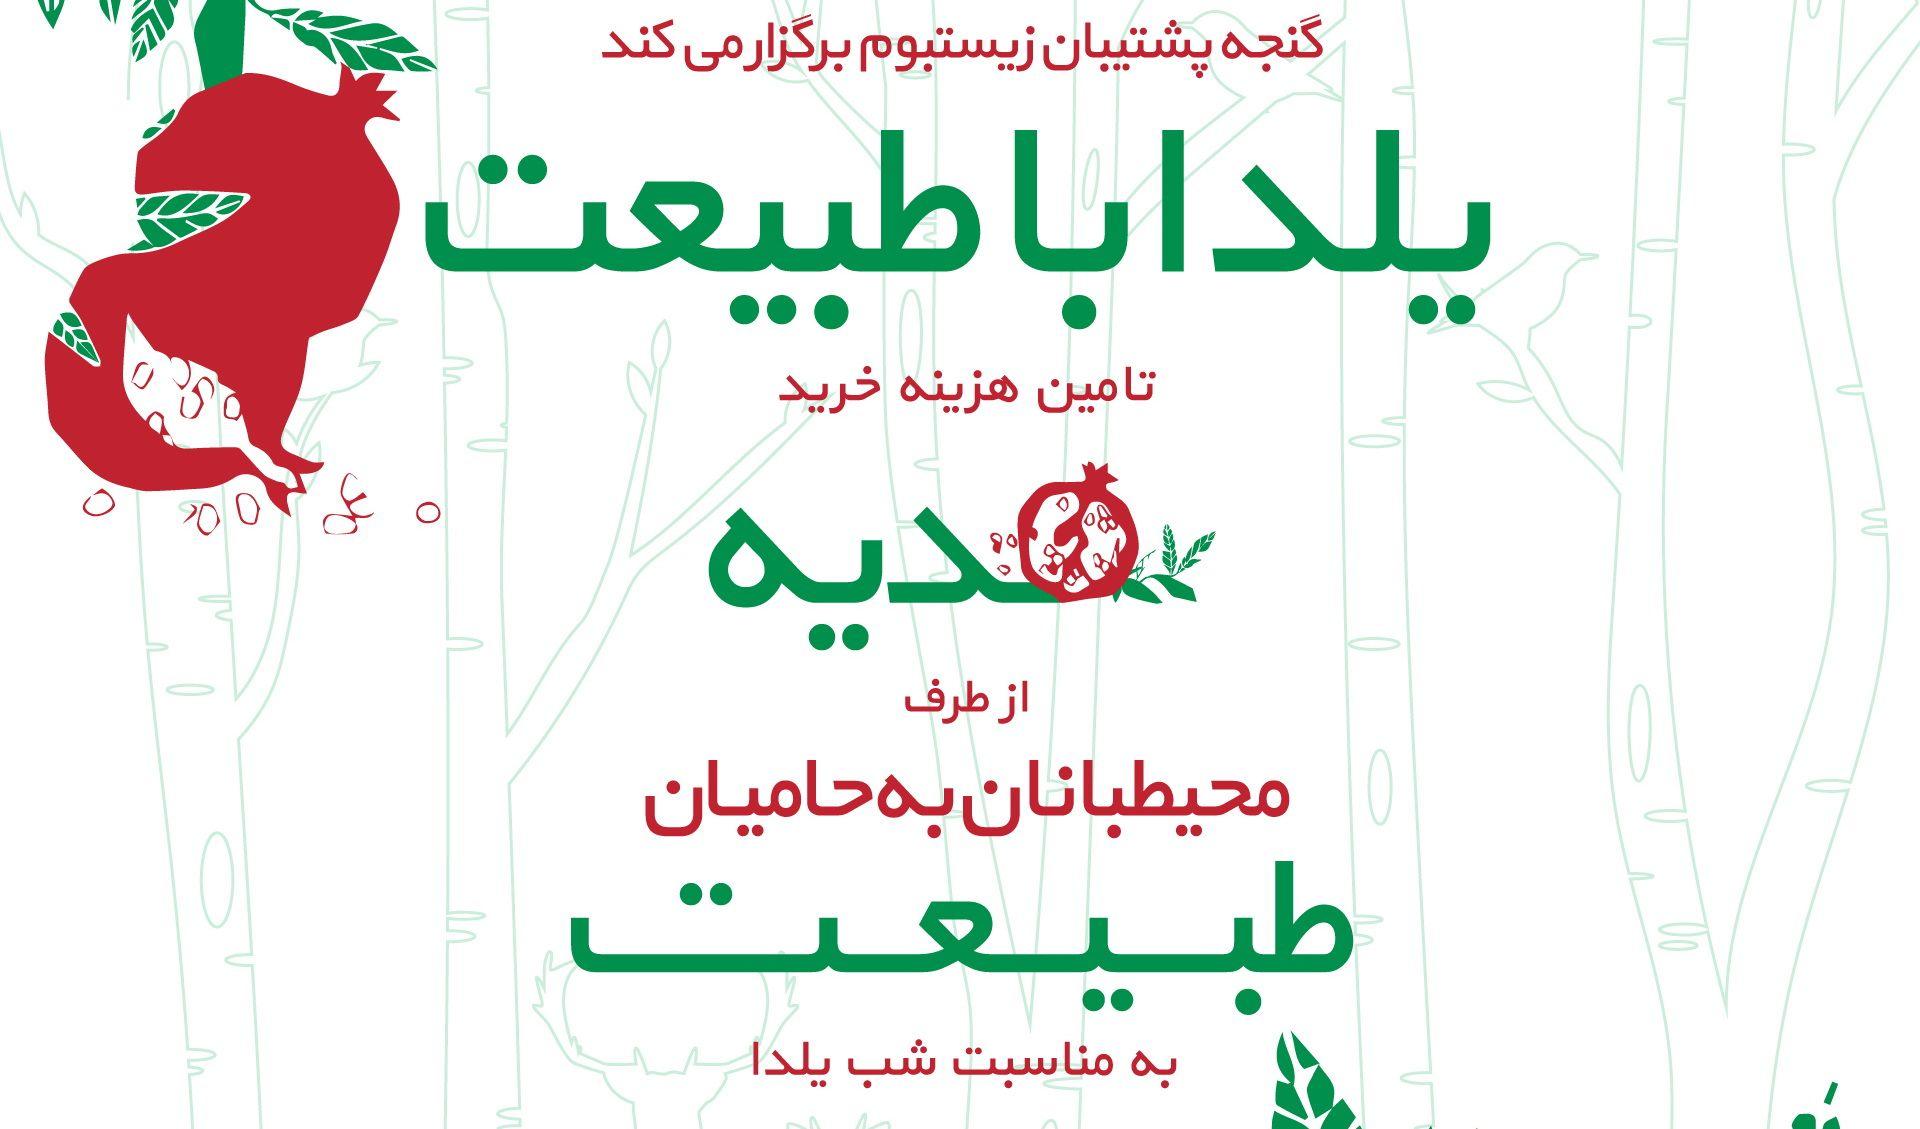 قرار سبز محیط بانان با حامیان طبیعت در سراسر ایران